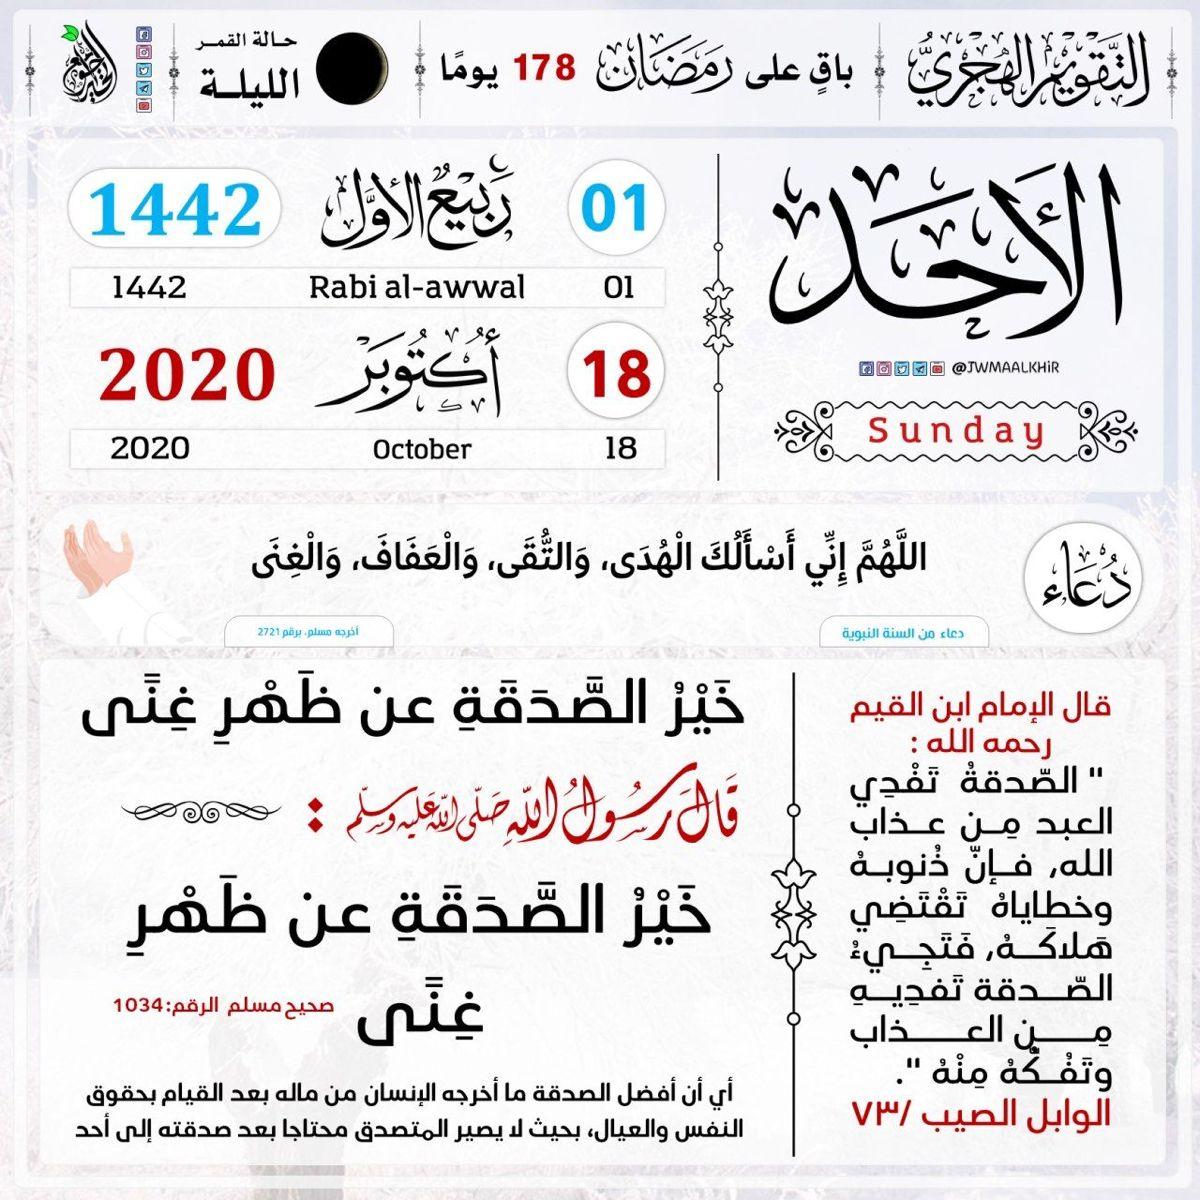 التذكير اليومي بـ التقويم الهجري الأحد 01 ربيع الأول 1442هـ الموافق لـ 18 أكتوبر2020م باق على رمضان 178 يوم ا حديث اليوم الخيرية خير الصدقة عن ظهر غنى